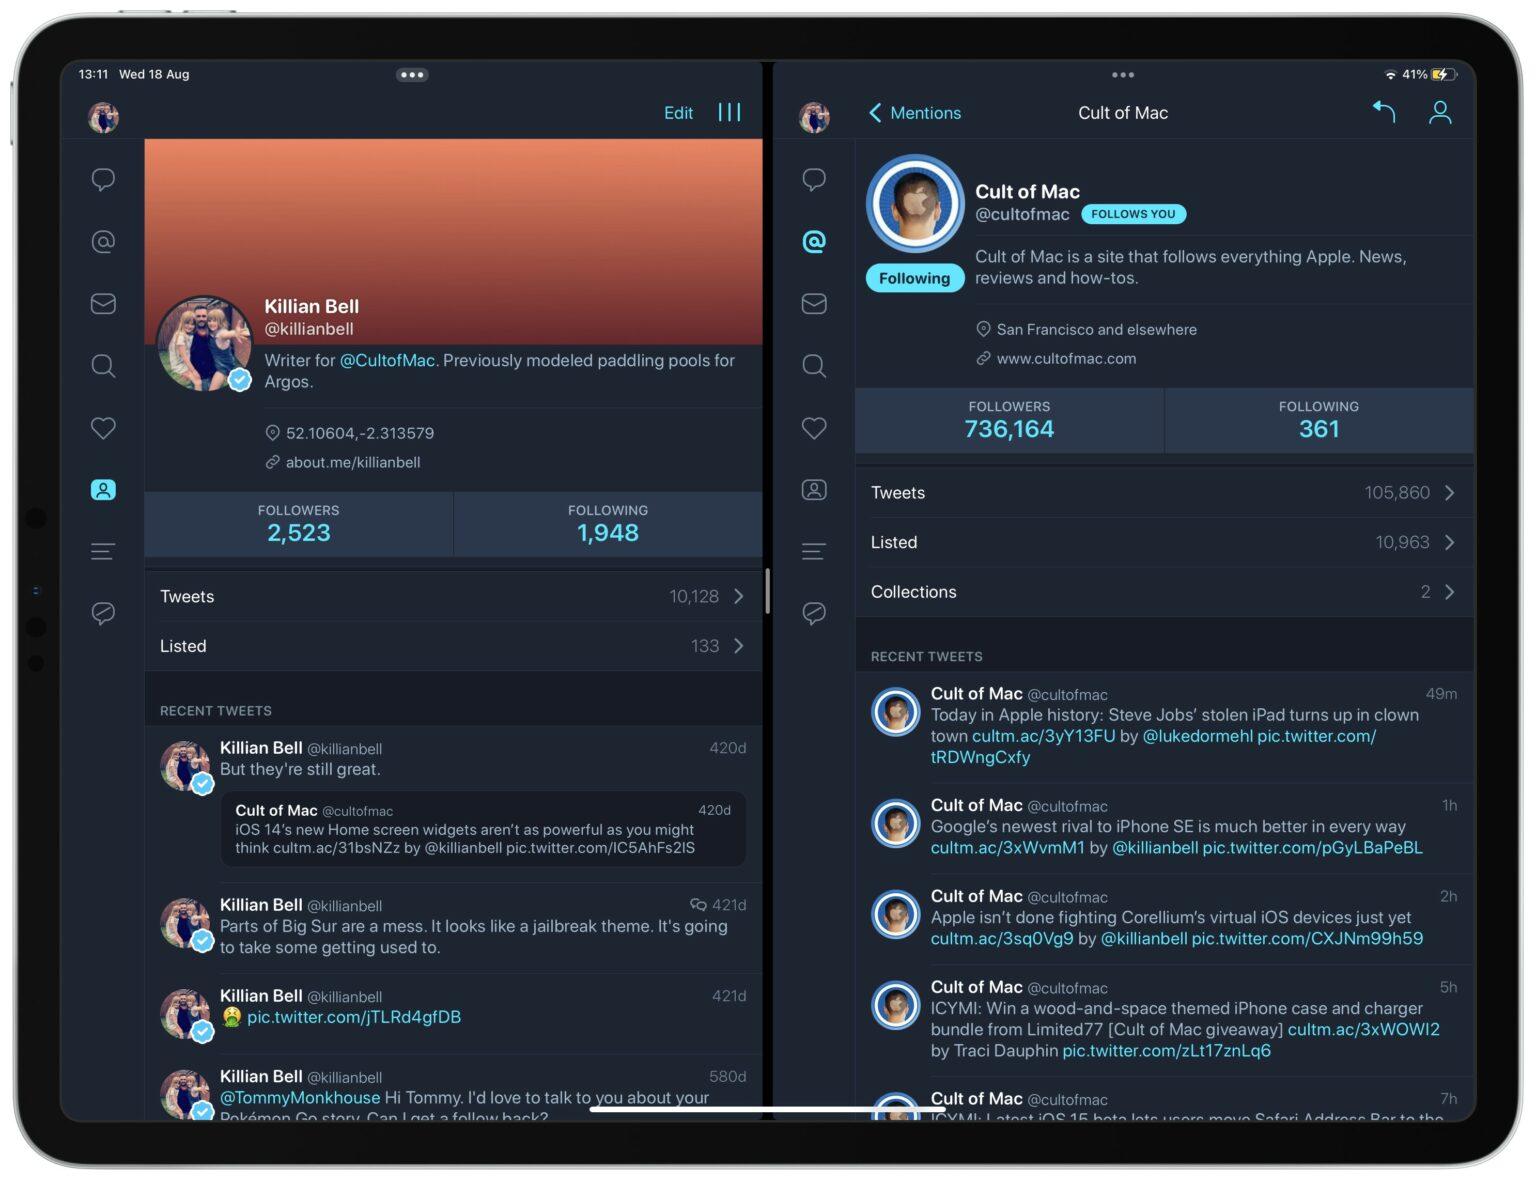 Tweetbot 6.2 update